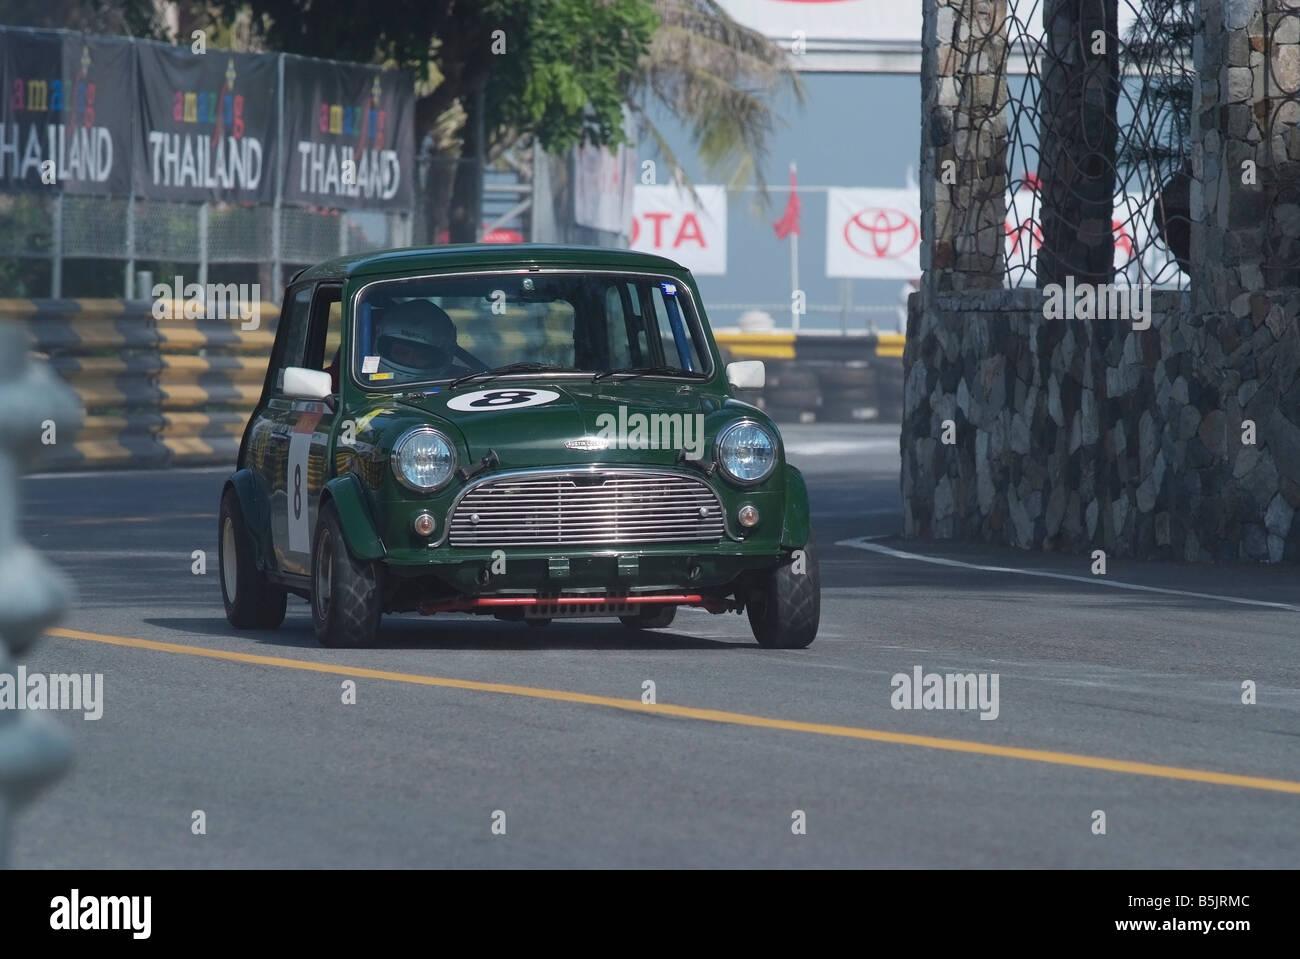 British Racing Green Austin Mini Cooper Racing At The City Circuit